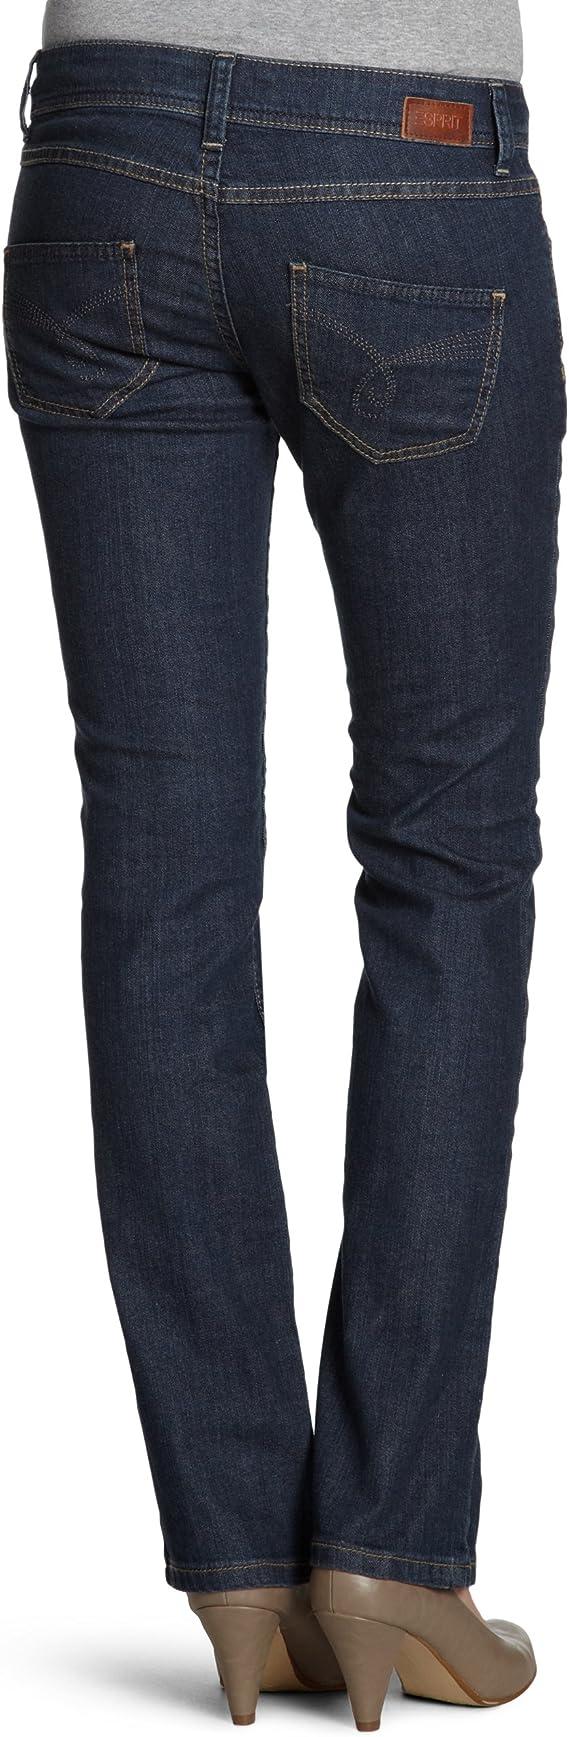 ESPRIT Damen Straight Fit (Gerades Bein) Jeanshosen